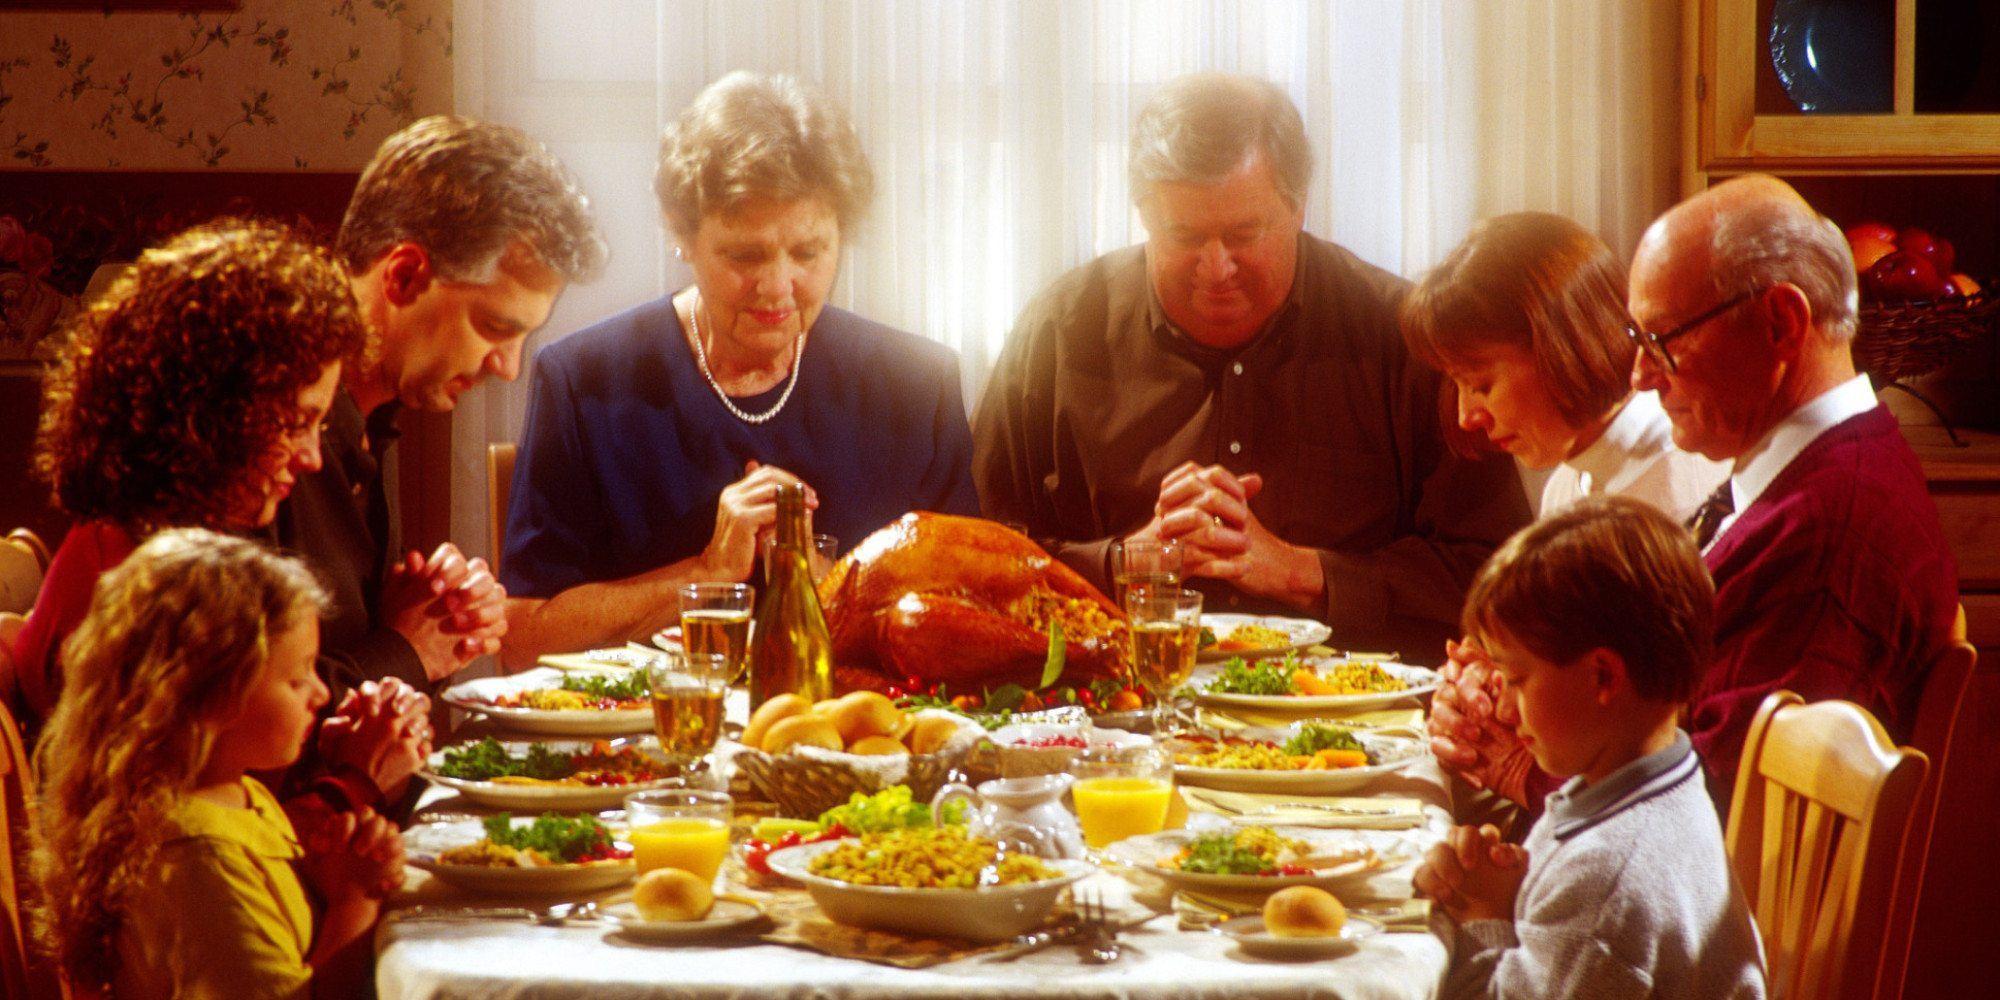 Thanksgiving Dinner Restaurant 2019  Oración para el Da de Acción de Gracias – Thanksgiving